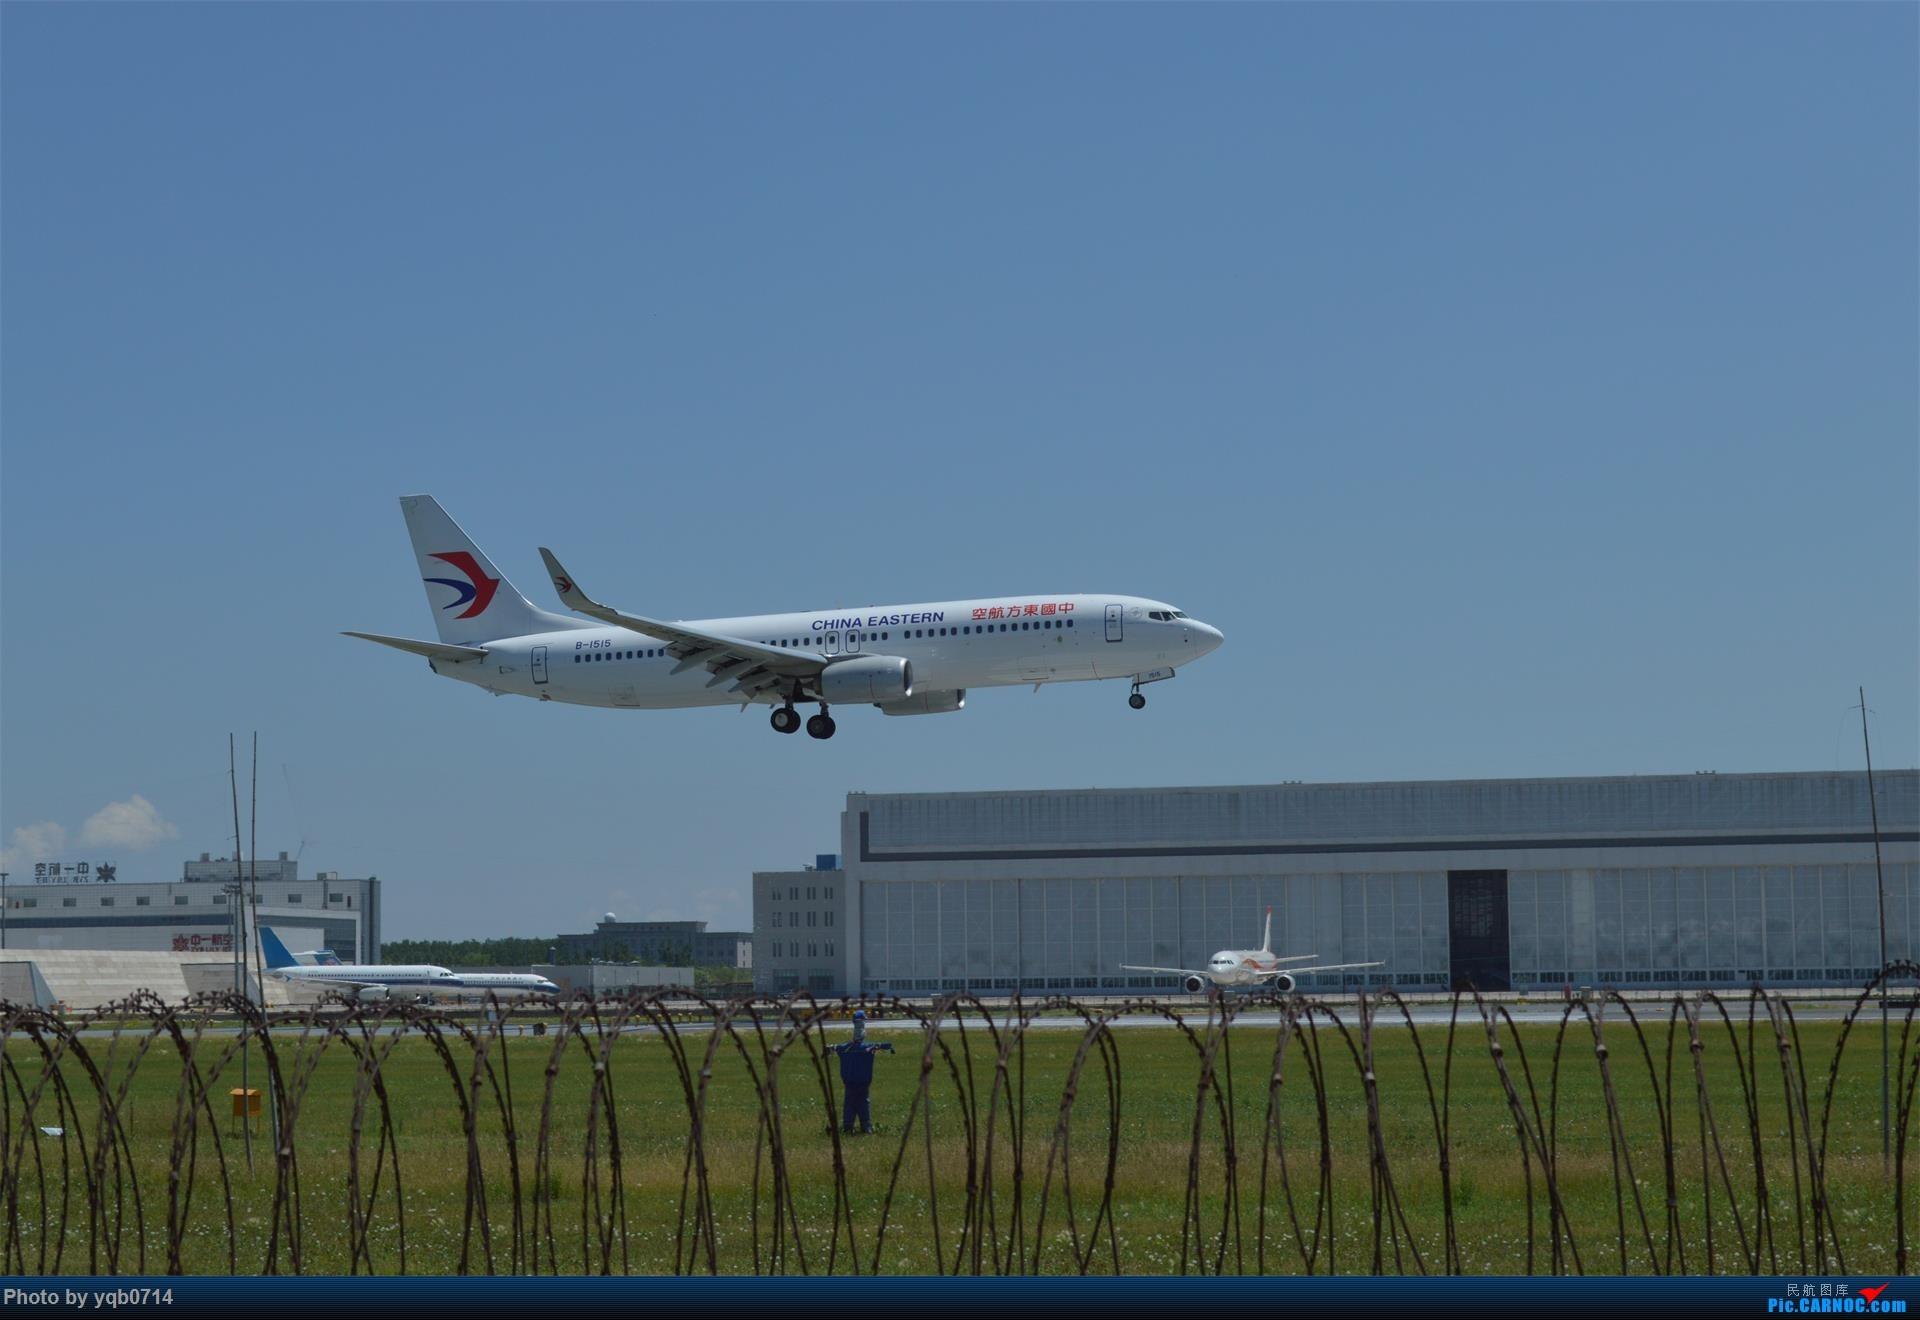 Re:[原创]出来炸道,喜欢星空联盟的小反!!!! BOEING 737-800 B-1515 中国沈阳桃仙国际机场